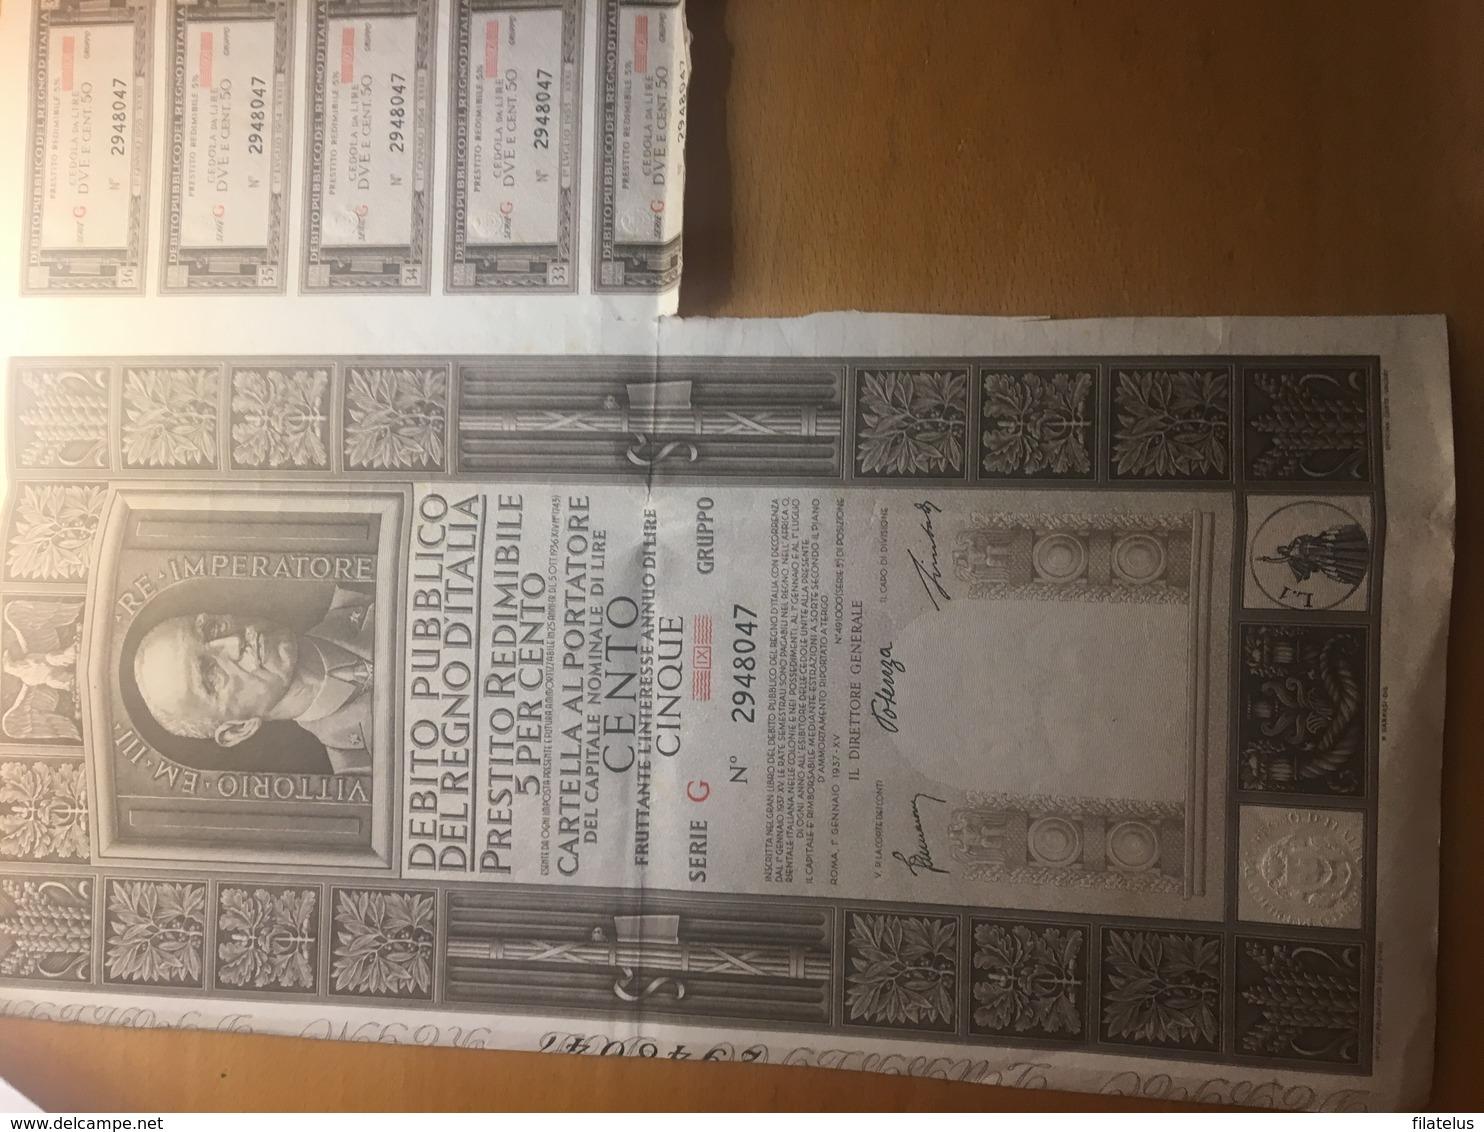 DEBITO PUBBLICO DEL REGNO D'ITALUA-CAPIRALE NOMINALE DI LIRE 100-ROMA-1-1-1937 - Altri